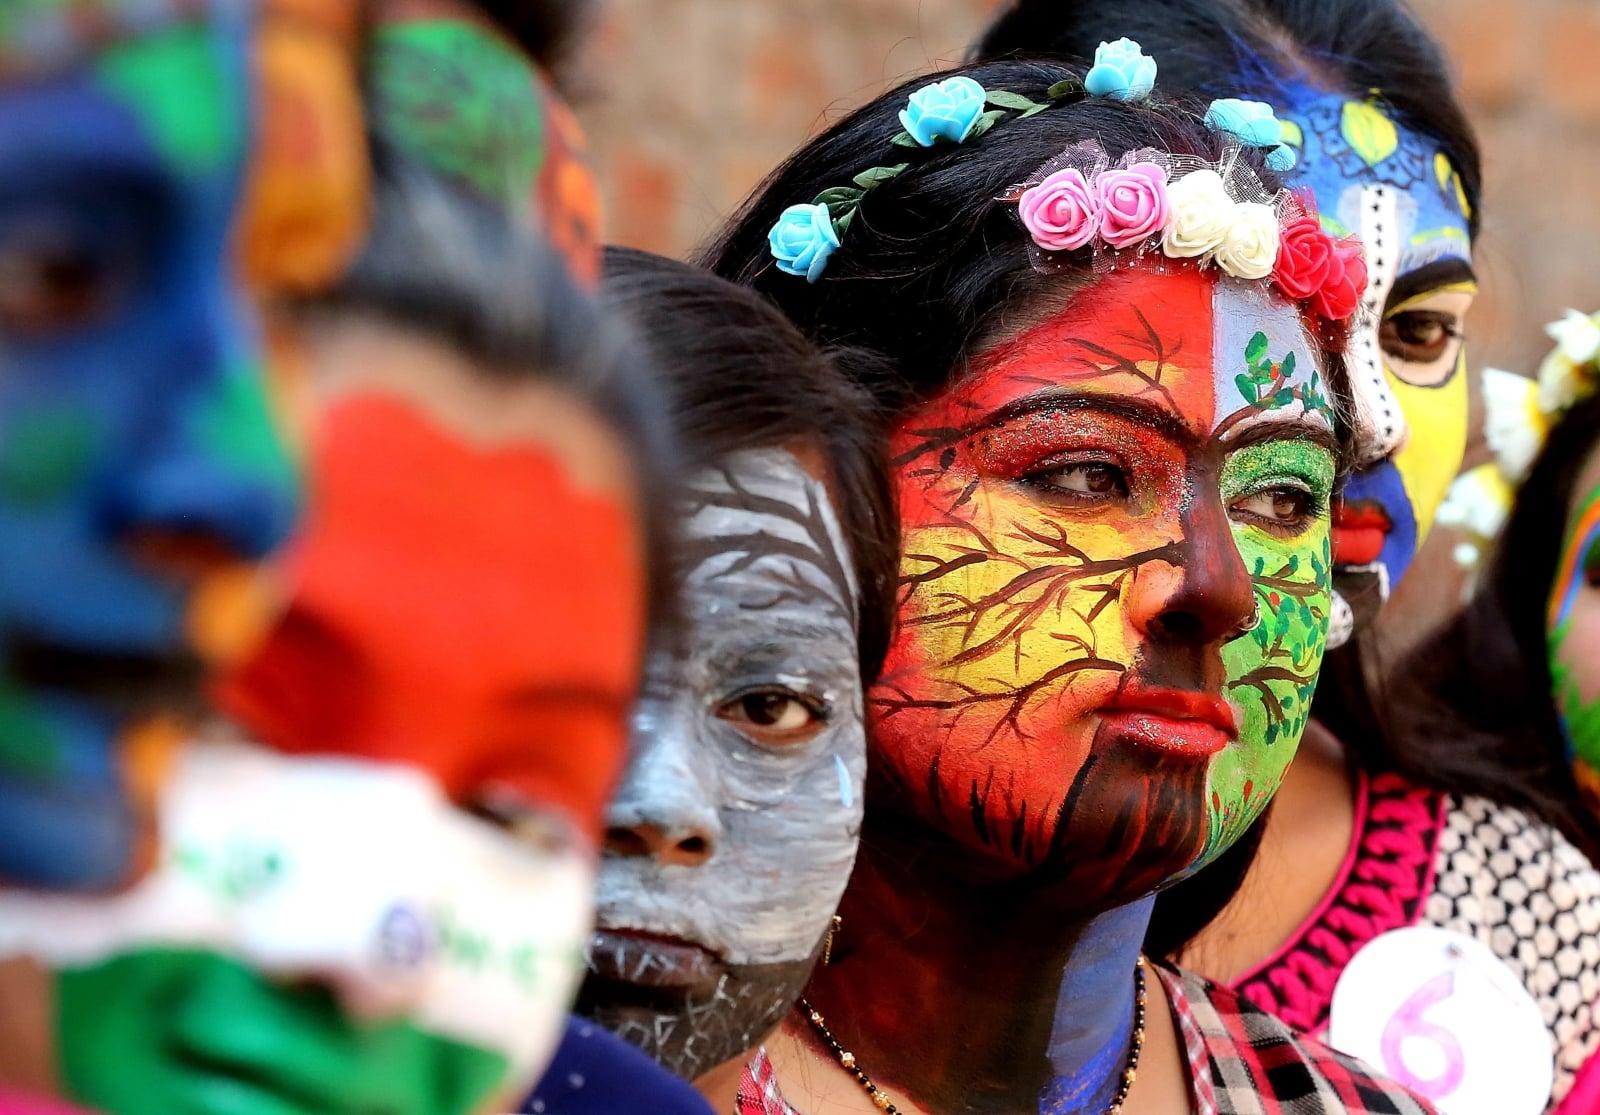 Zawody w malowaniu twarzy w Indiach  EPA/SANJEEV GUPTA